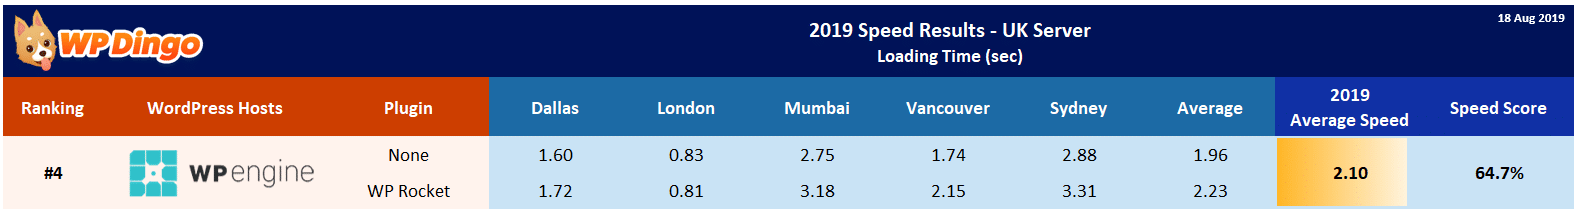 2019 WP Engine Speed Table - UK Server